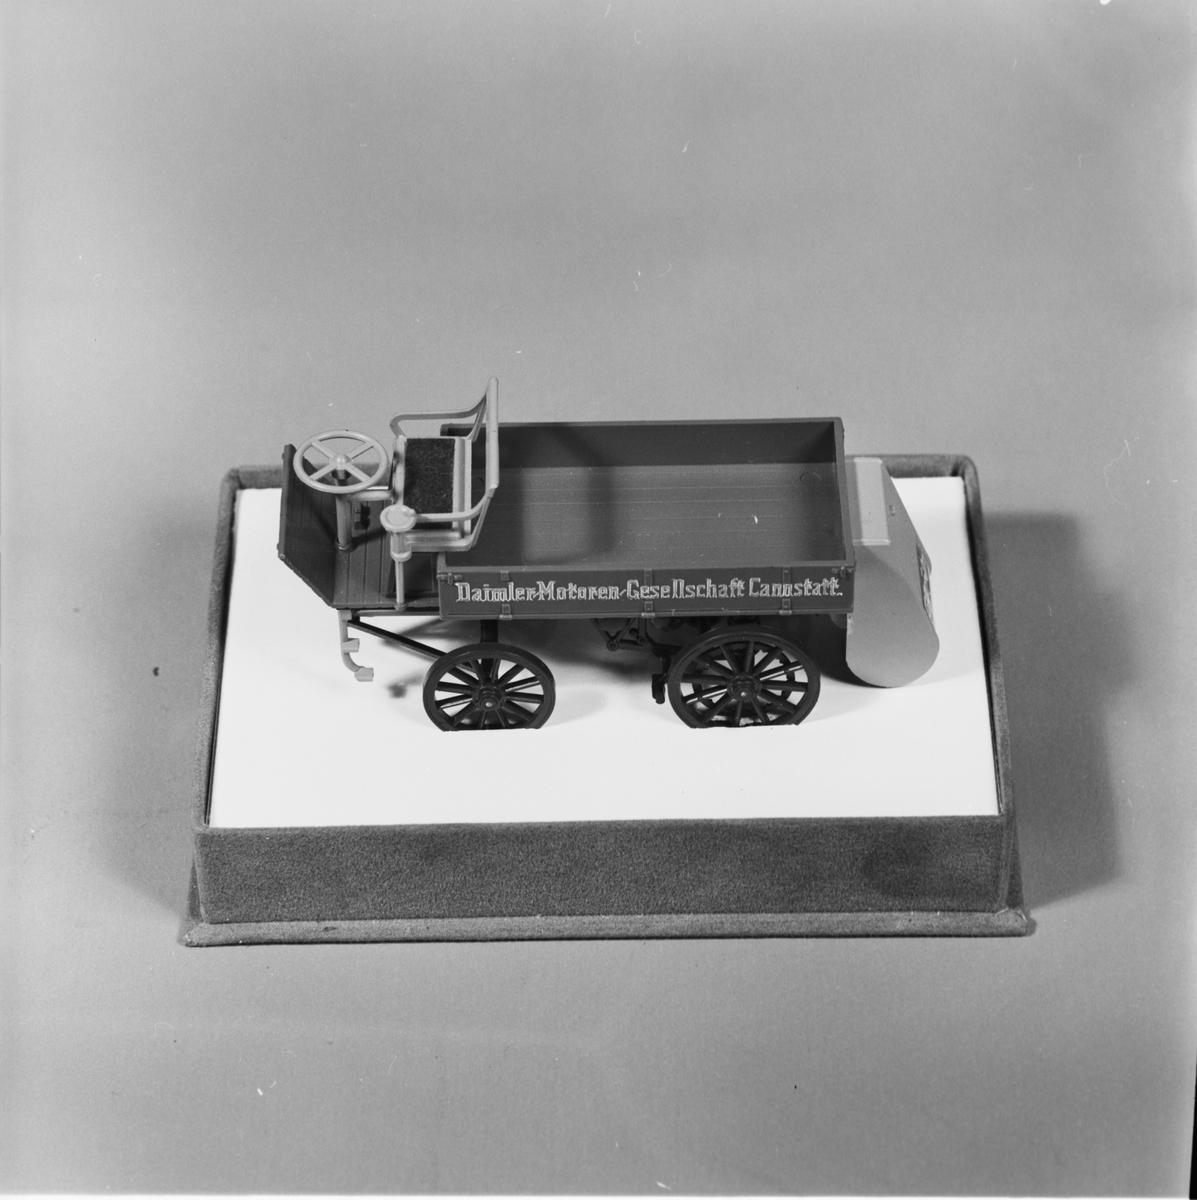 Modell av lastbil, gjuten i plast, beigefärgad med bruna hjul och svart chassi, flaklemmar med text. Hölje av plast. Lastbilens längd: 100 mm, bredd: 35 mm, höjd: 35 mm. Höljets längd: 120 mm, bredd: 85 mm, höjd: 68 mm. Märke: Daimler. Årgång: 1896.